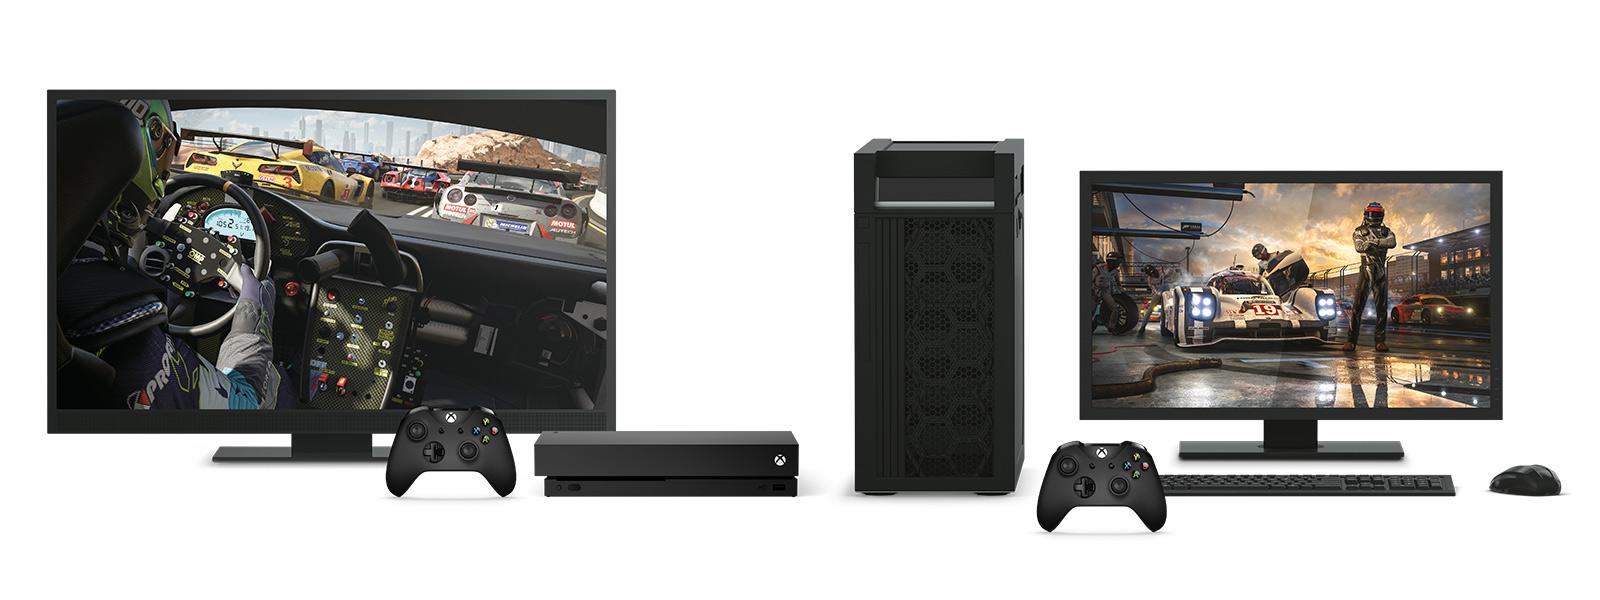 Xbox One X e um Dispositivo de secretária compatível 4K com Forza Motorsport 7 numa televisão e num ecrã de Computador